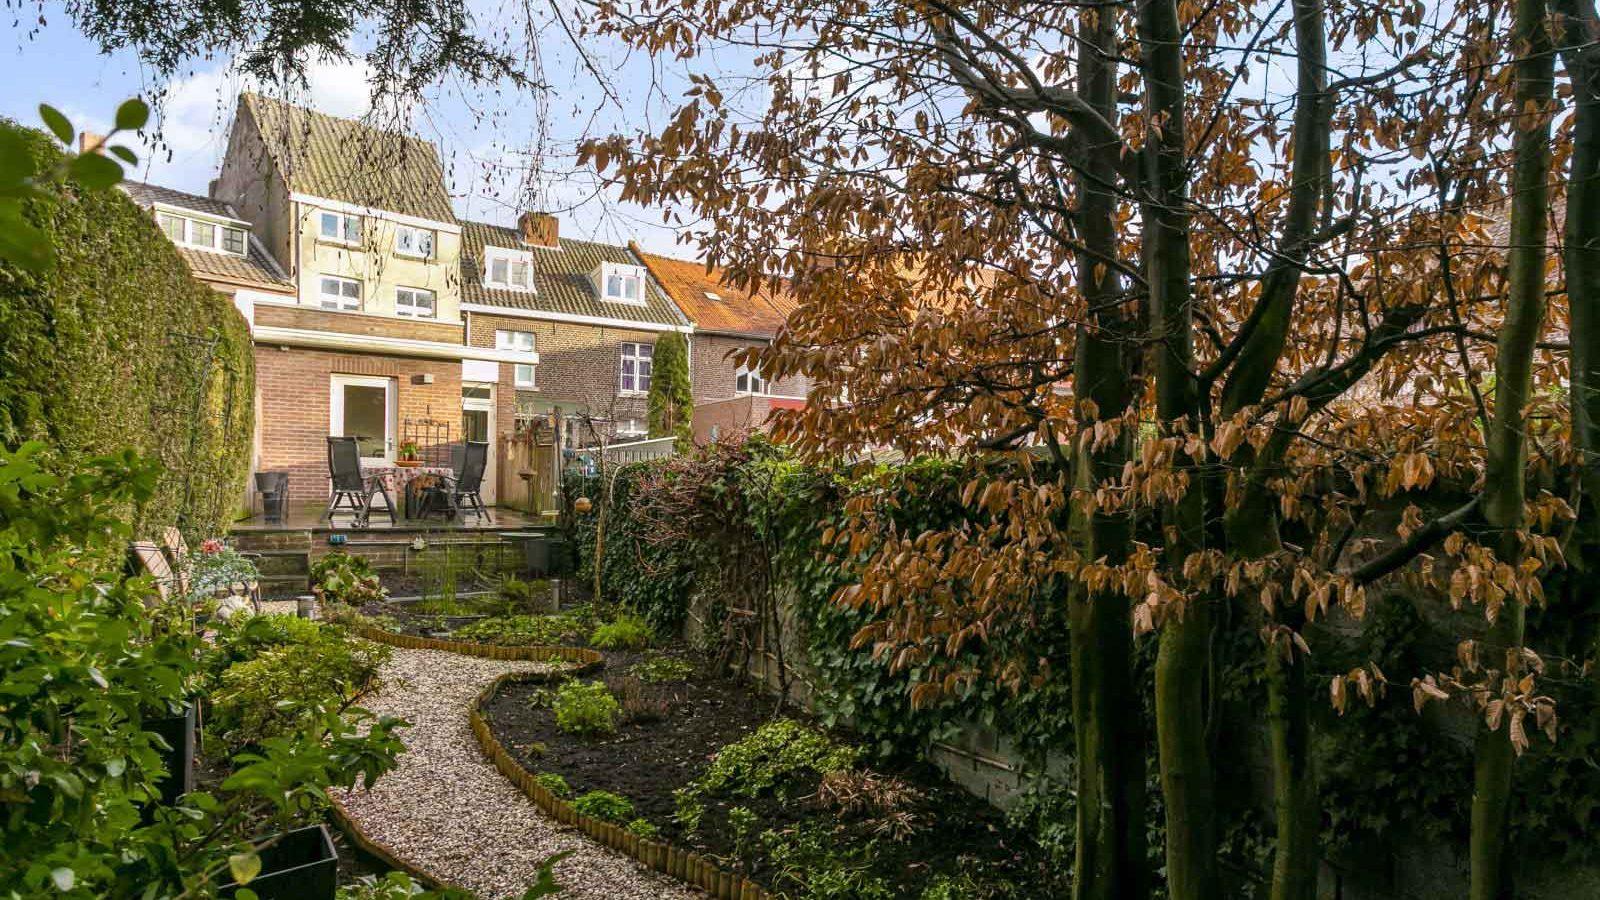 Vismarkt12Roermond-36-1600x1067